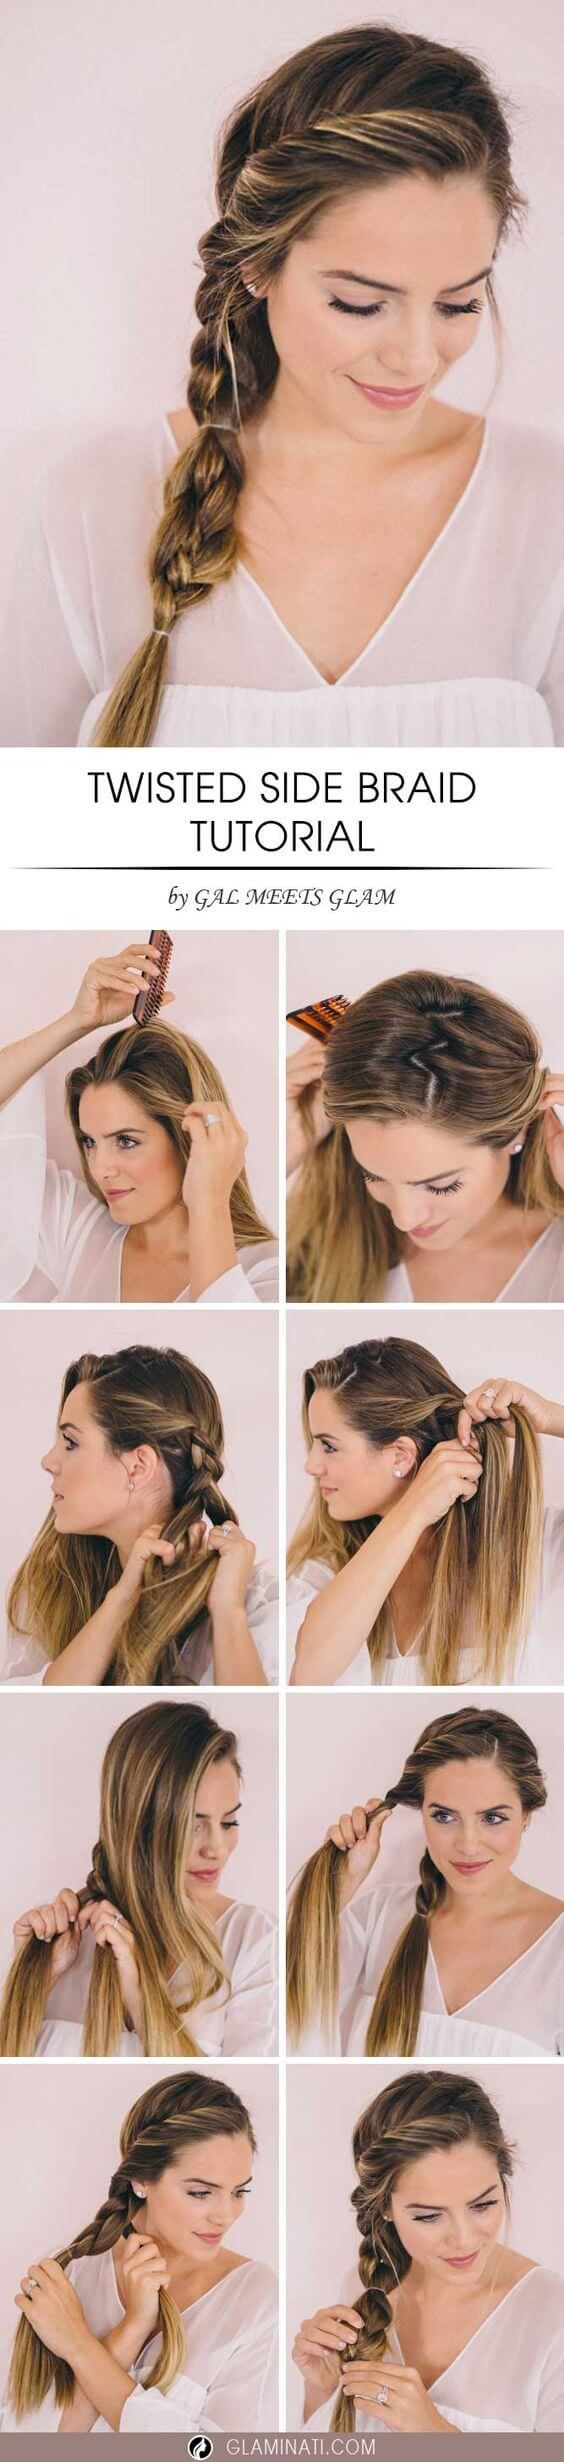 31 peinados especiales para festivales – nuevos peinados para damas